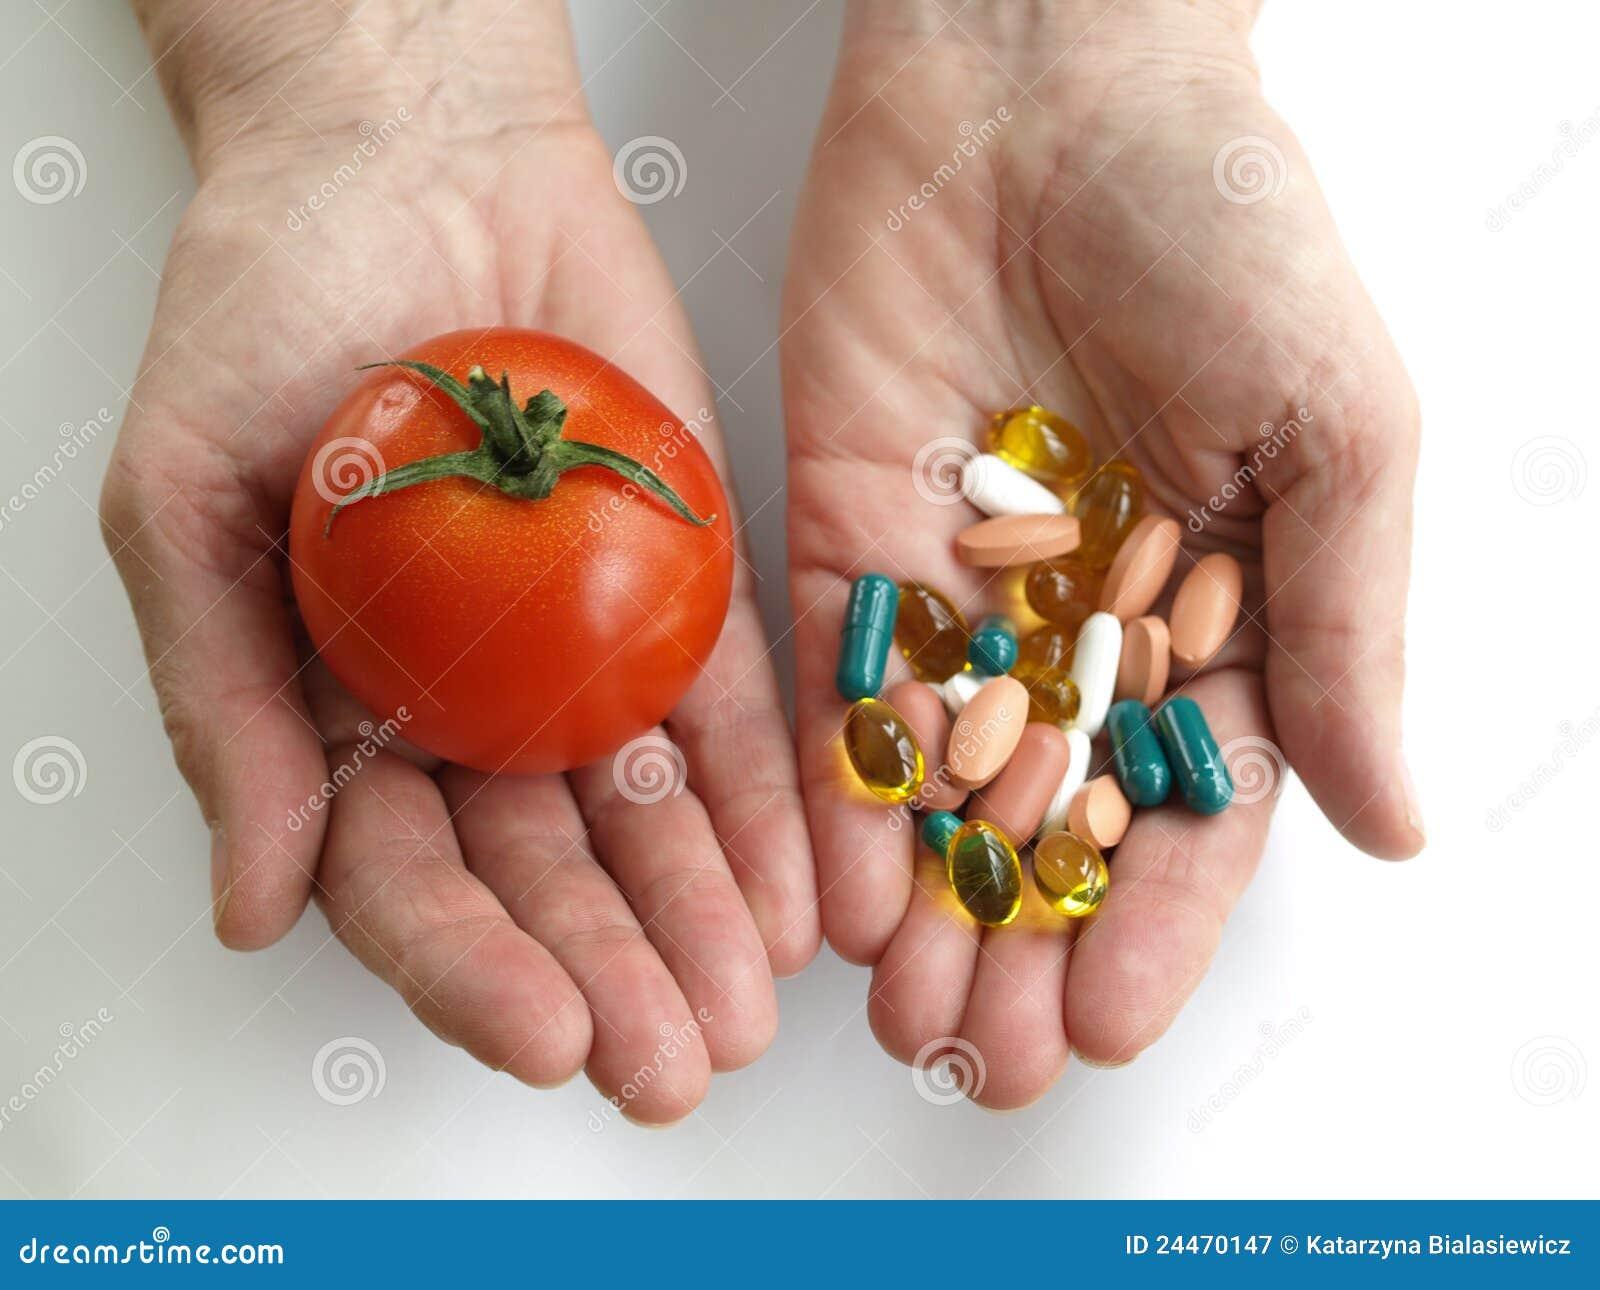 Tomato and handfull of pills